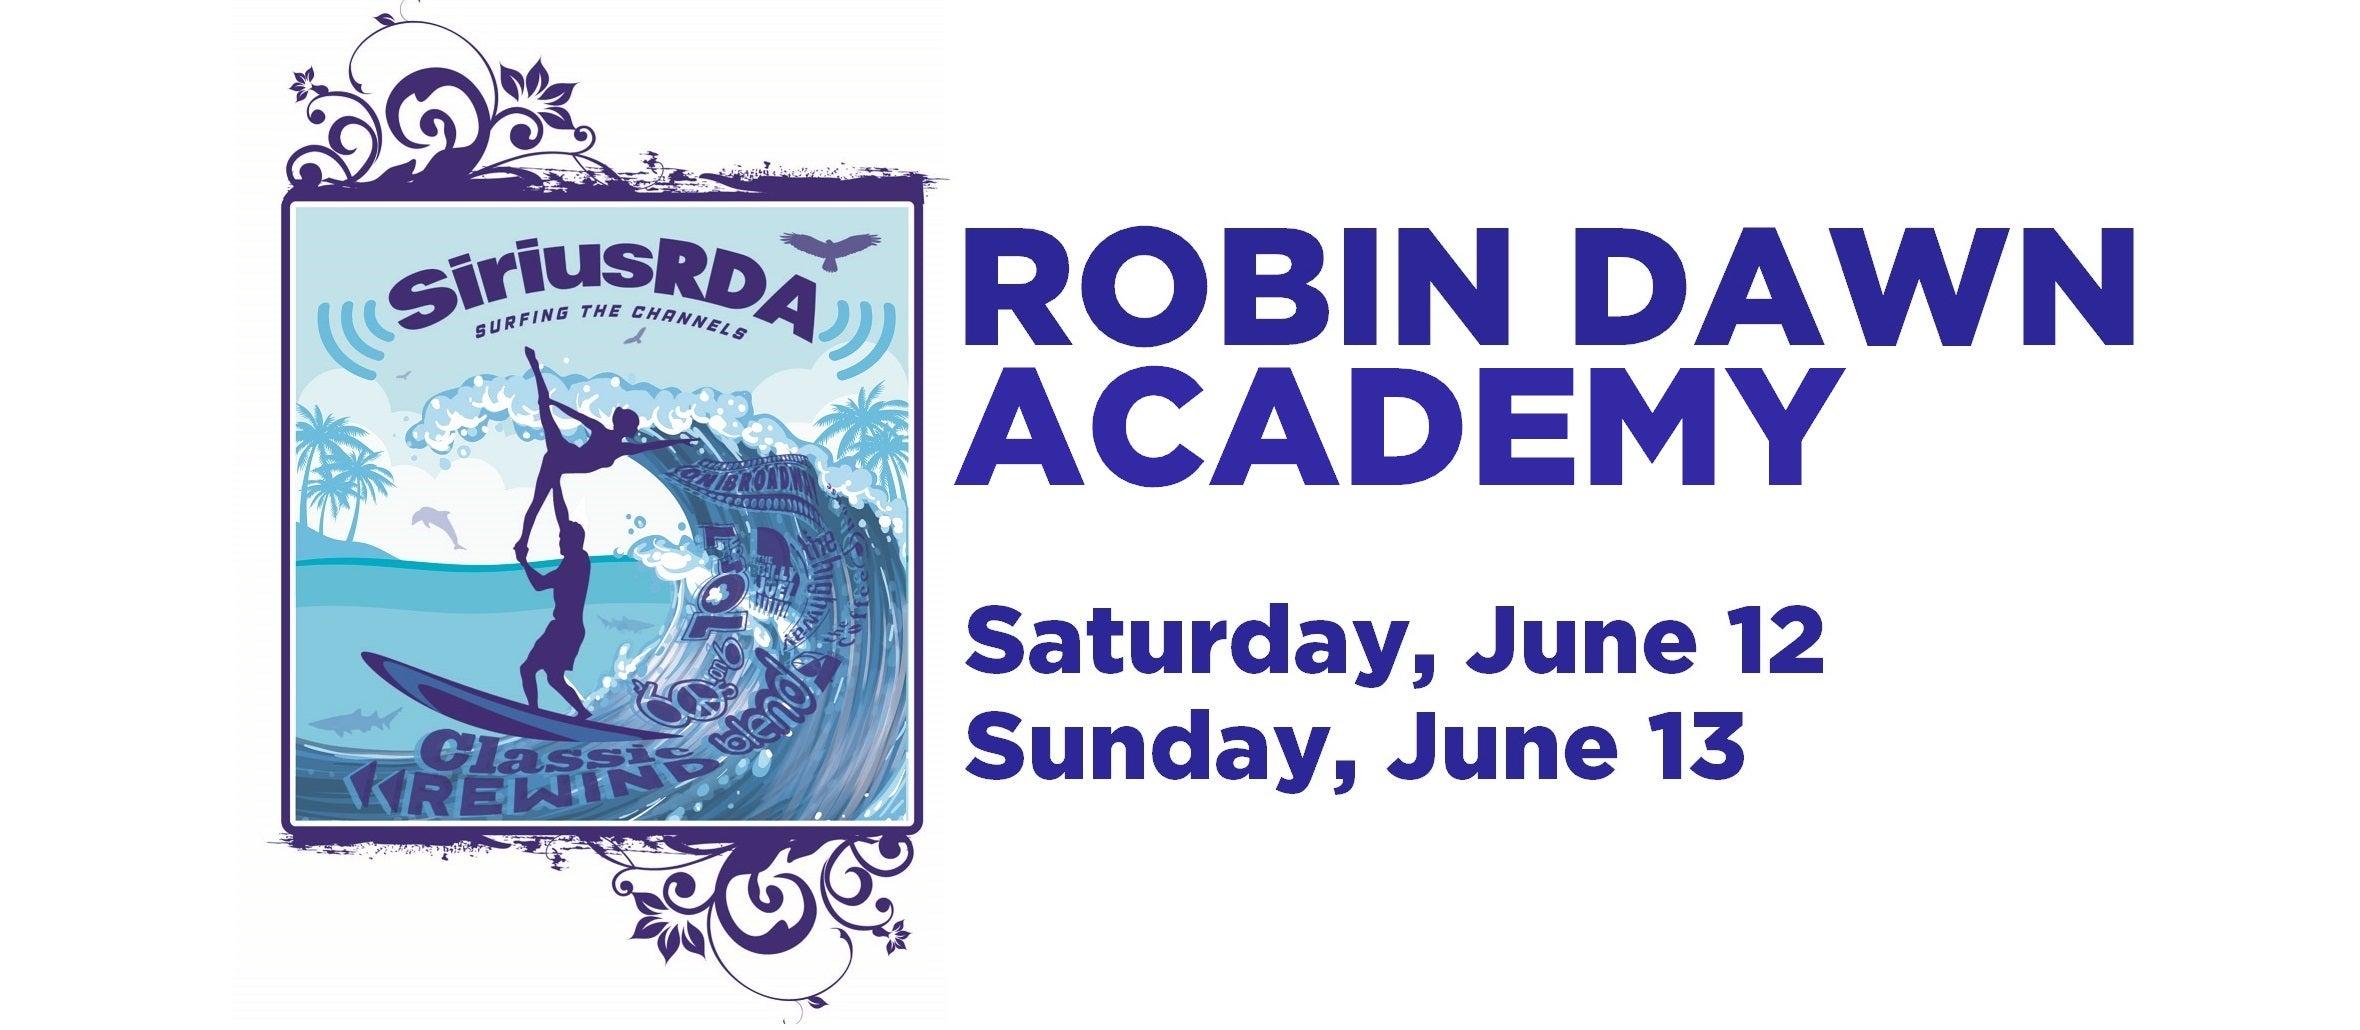 Robin Dawn Academy